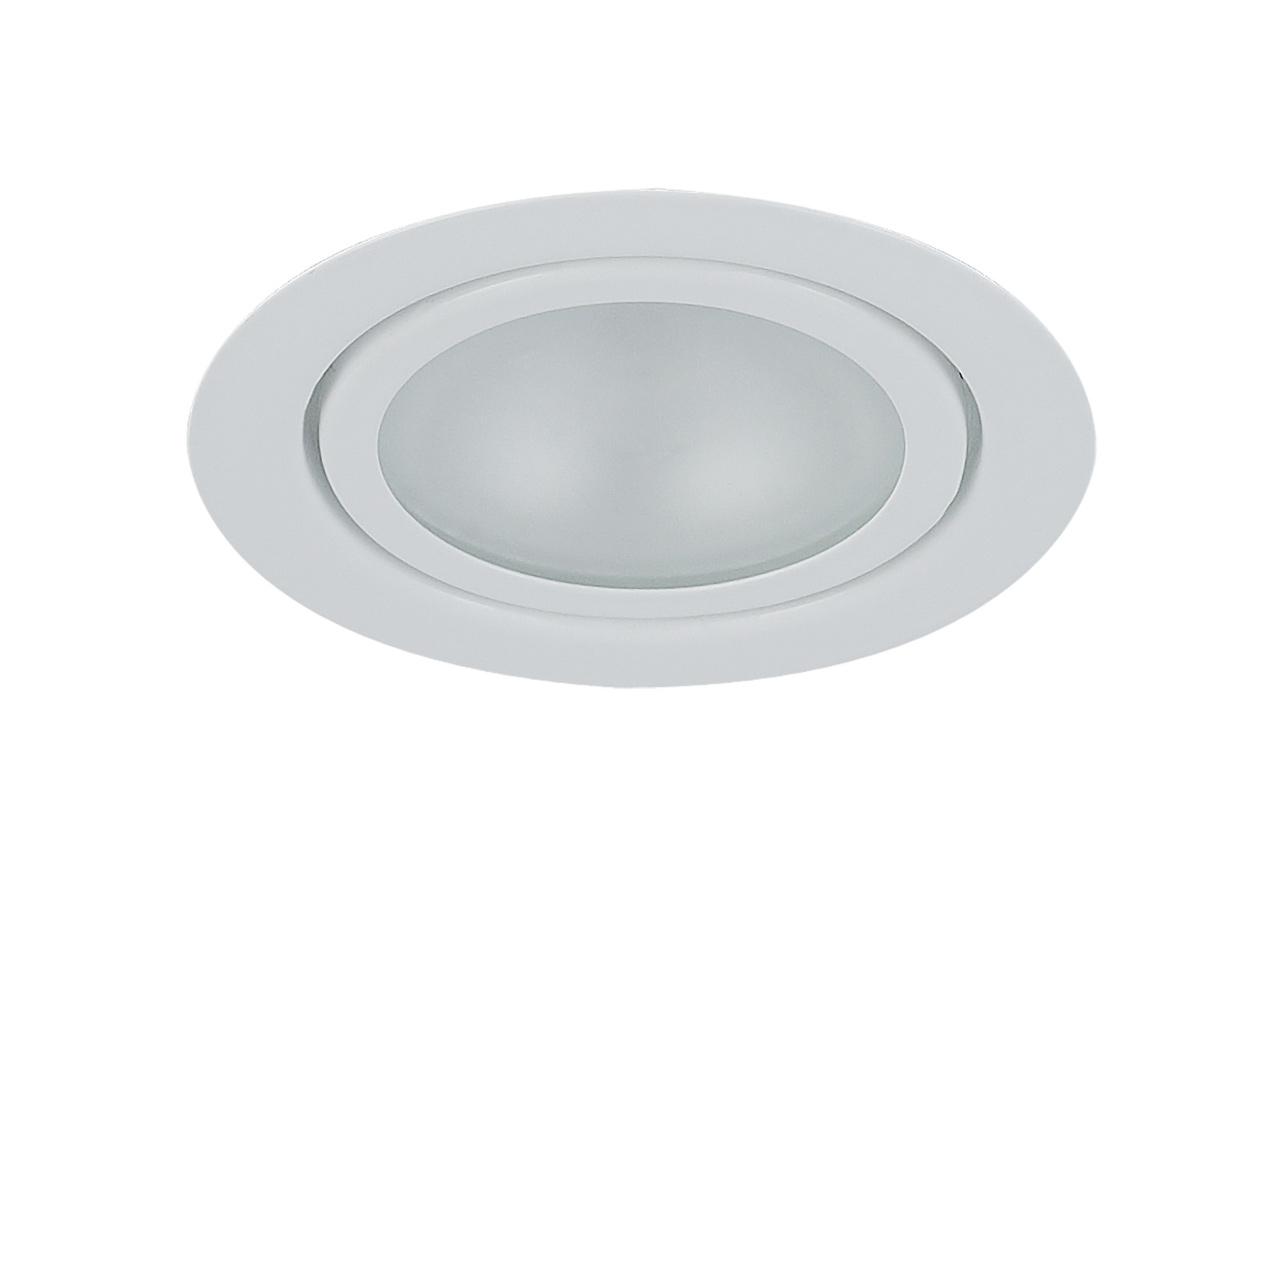 Светильник Mobi INC G4 белый / матовый Lightstar 003200